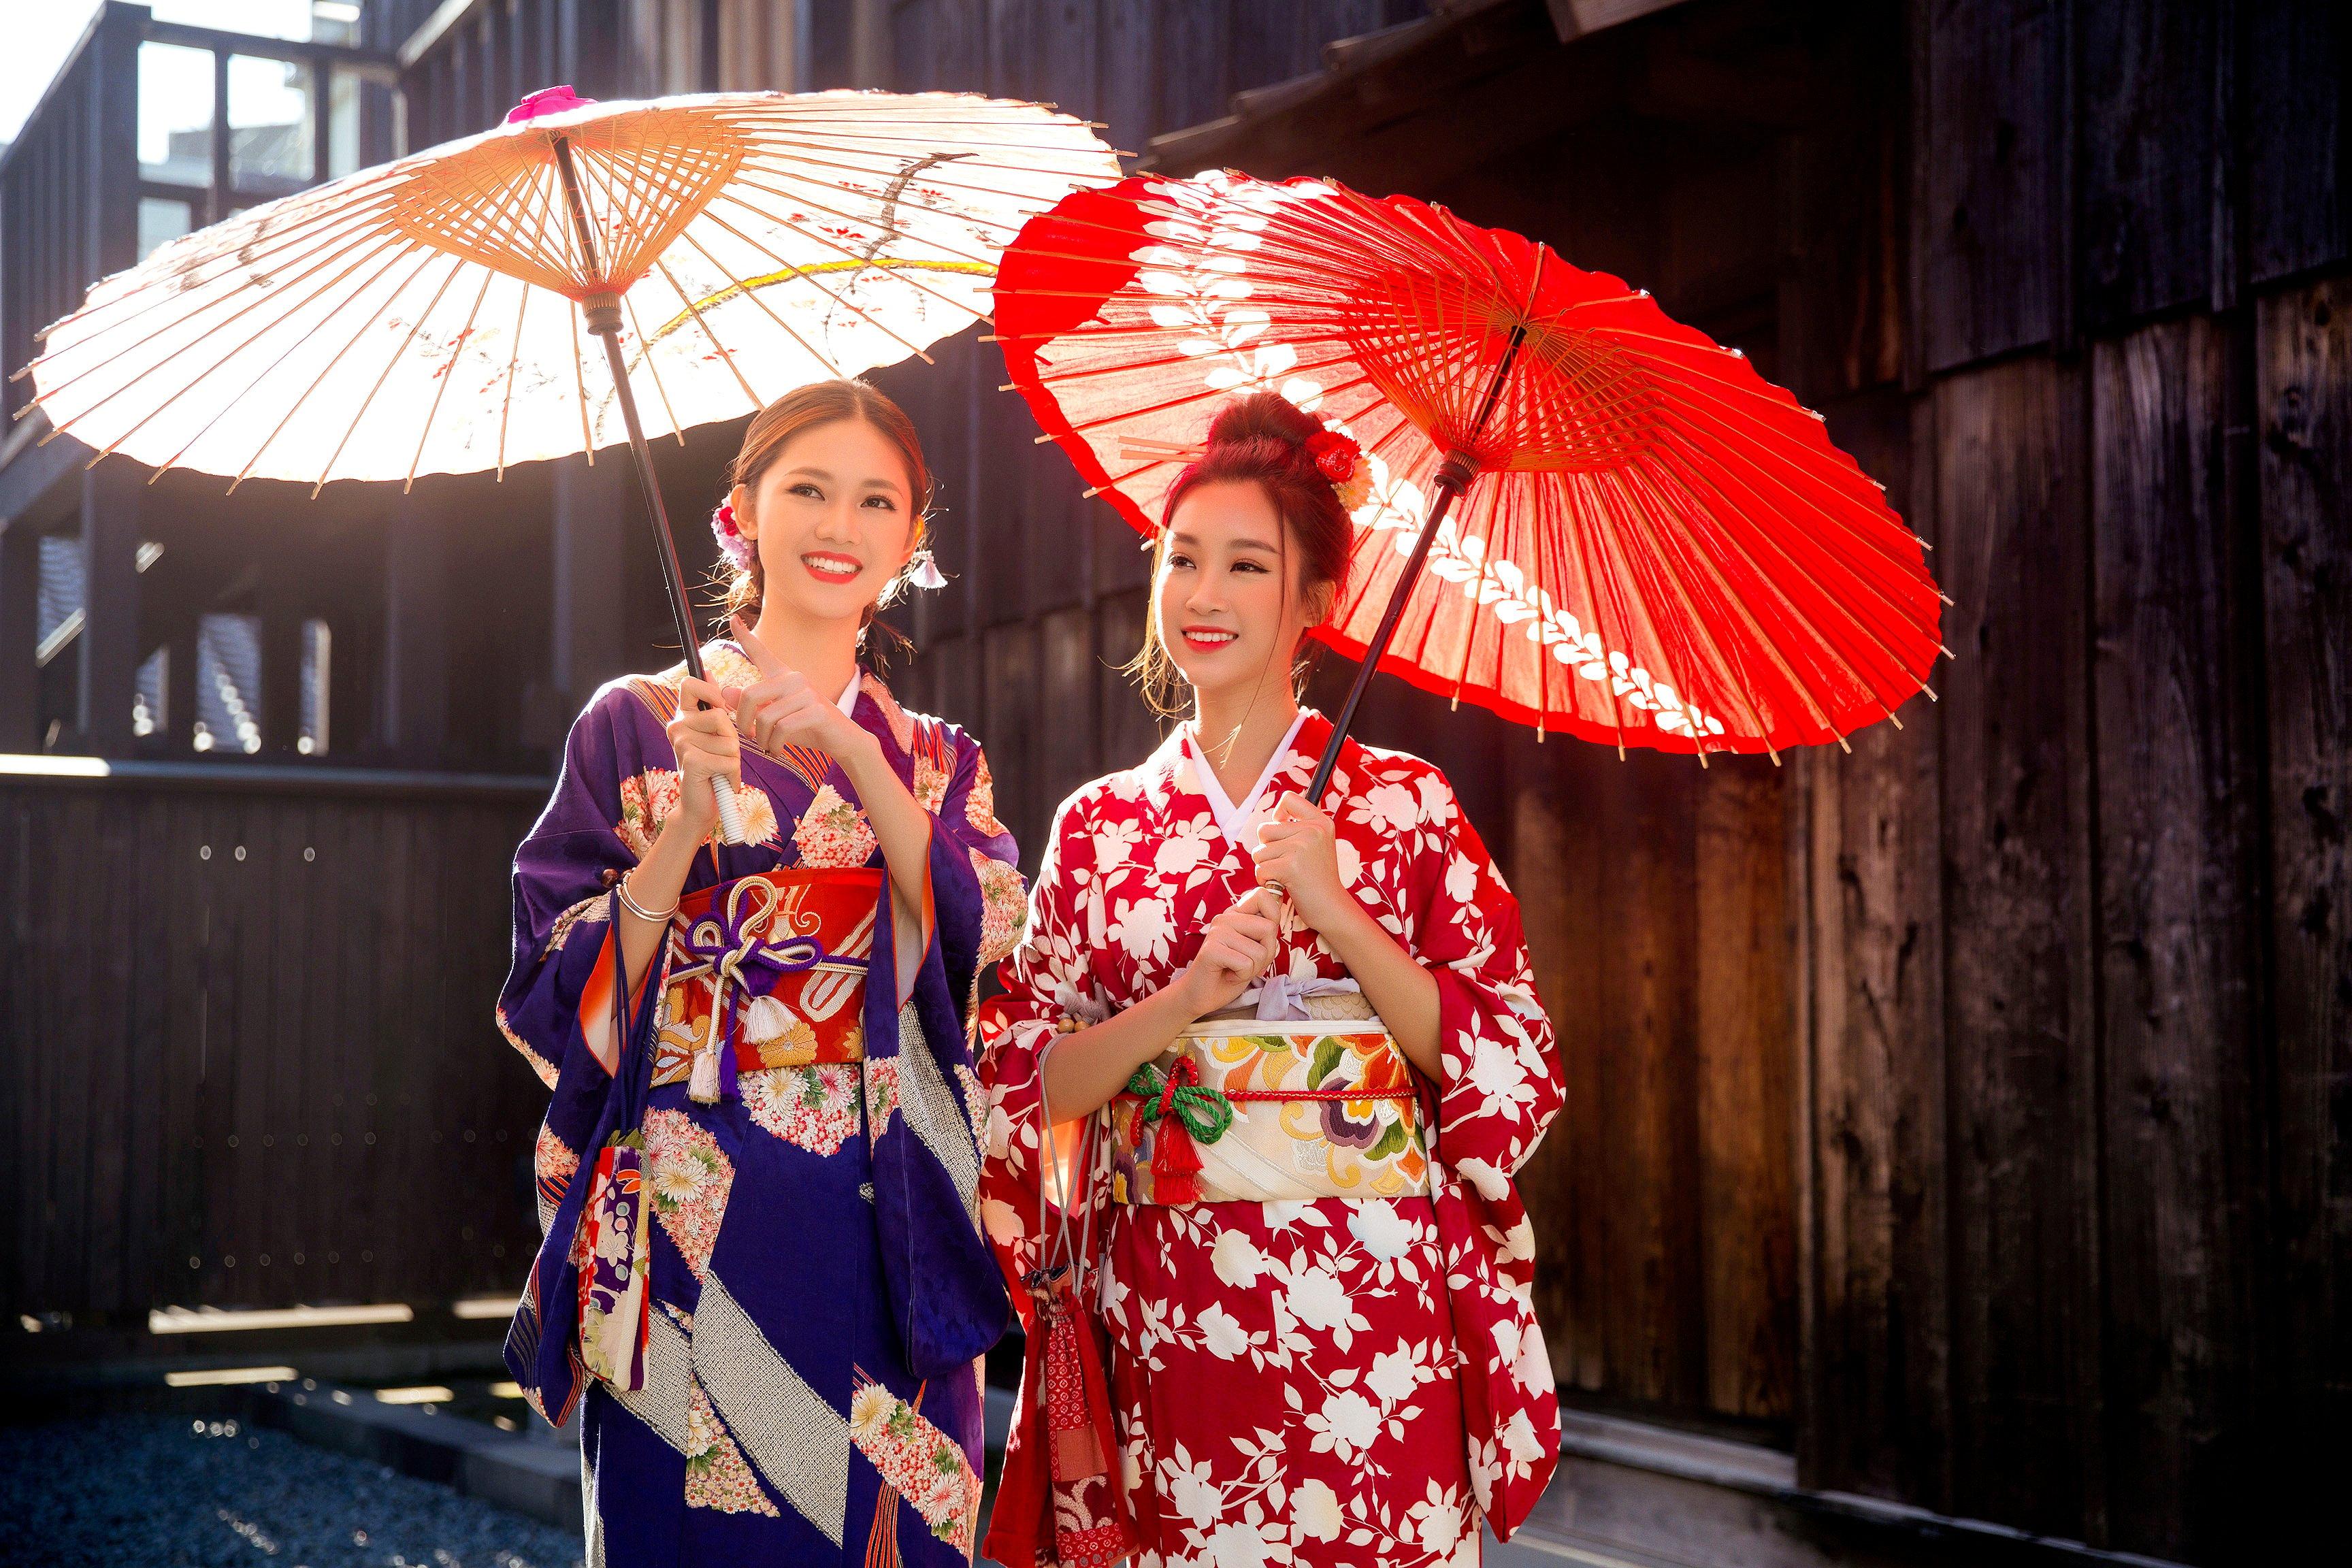 Giải trí - Mỹ Linh - Thanh Tú xinh đẹp với  áo dài và kimono giữa trời đông Nhật Bản